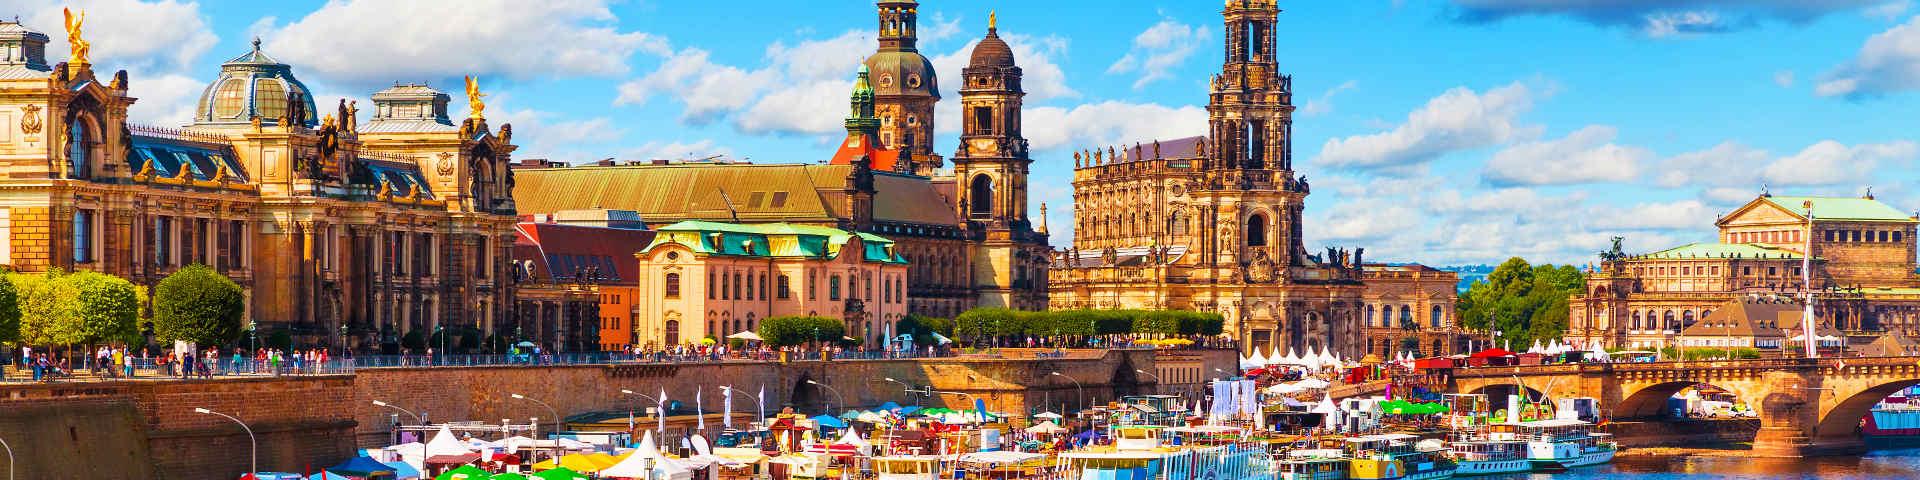 Dresden hero